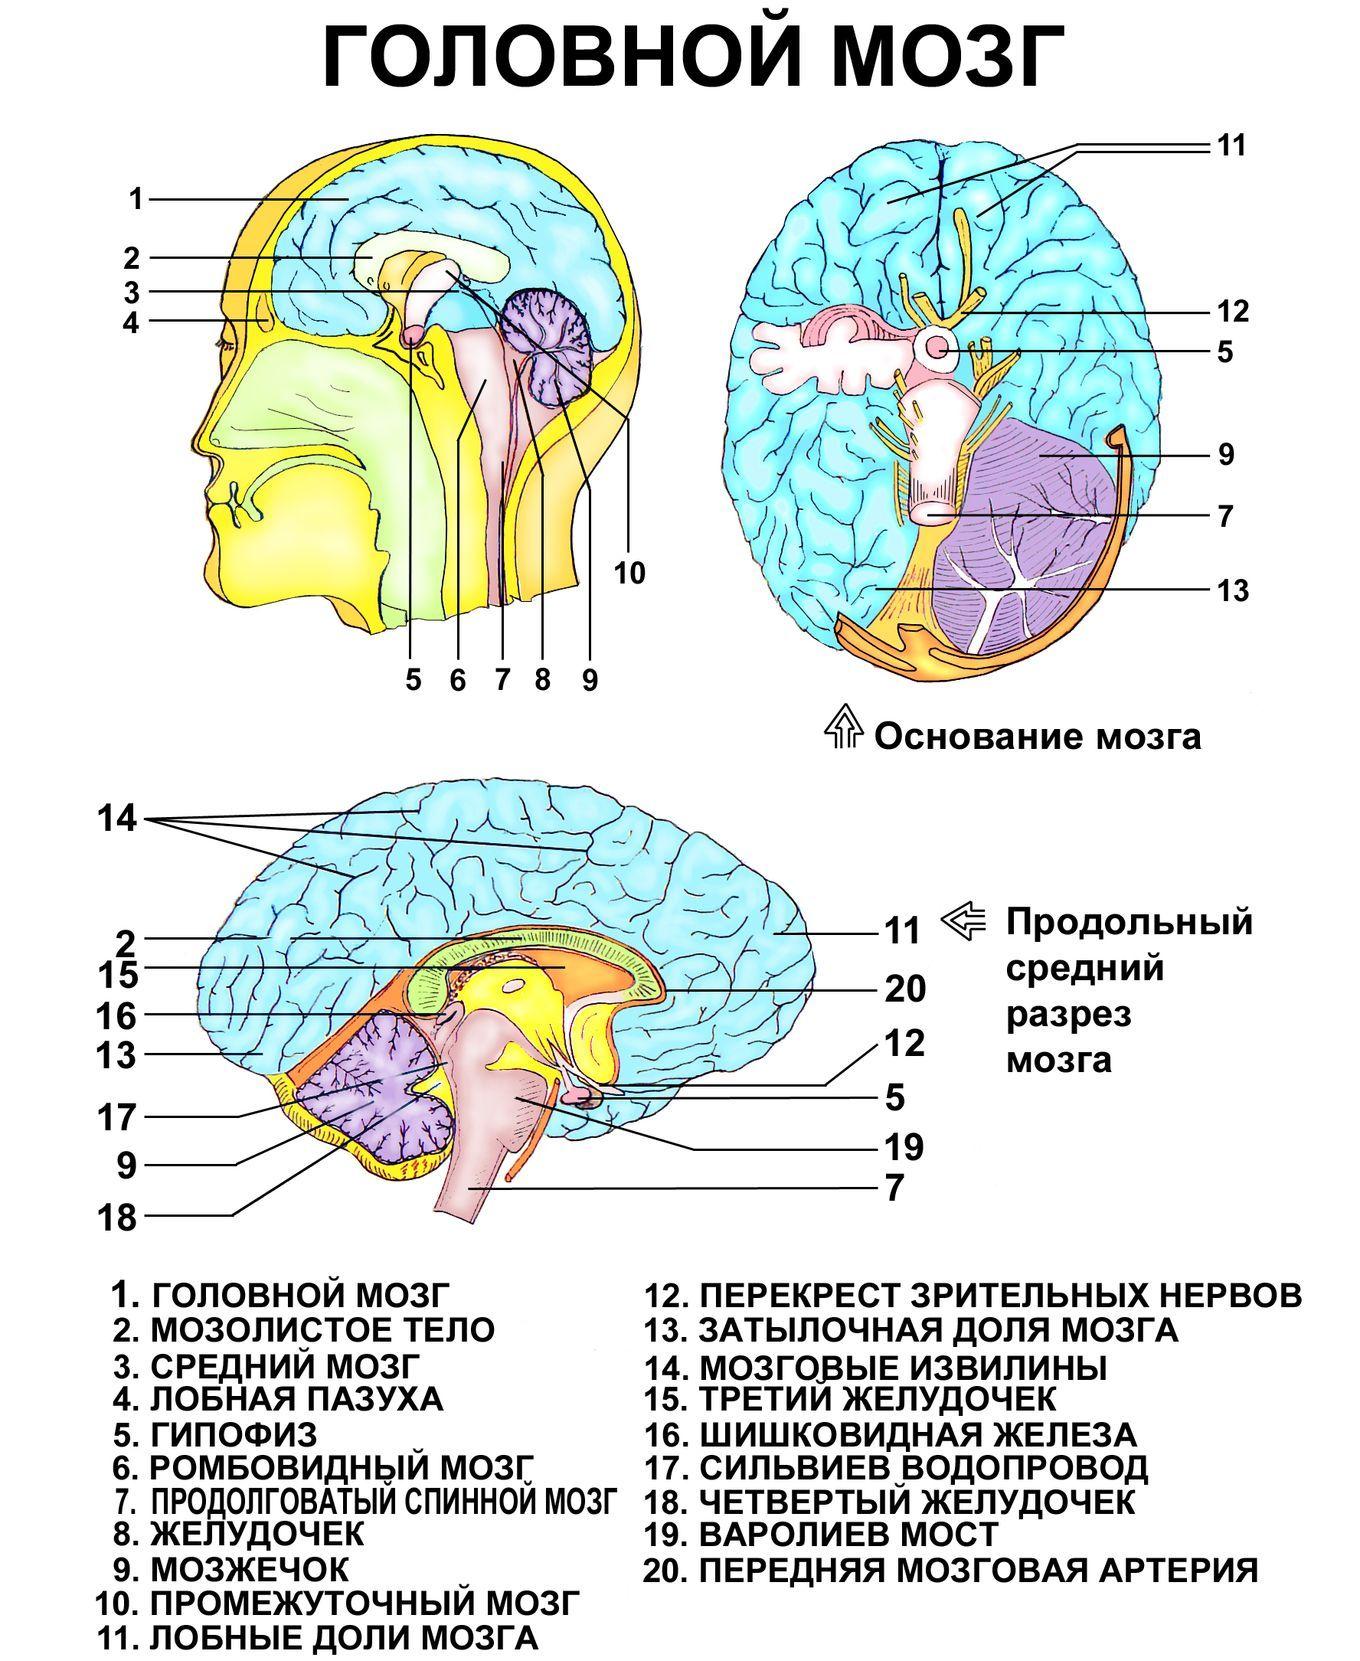 Что такое рептильный мозг и как он работает? | саморазвитие | наша психология